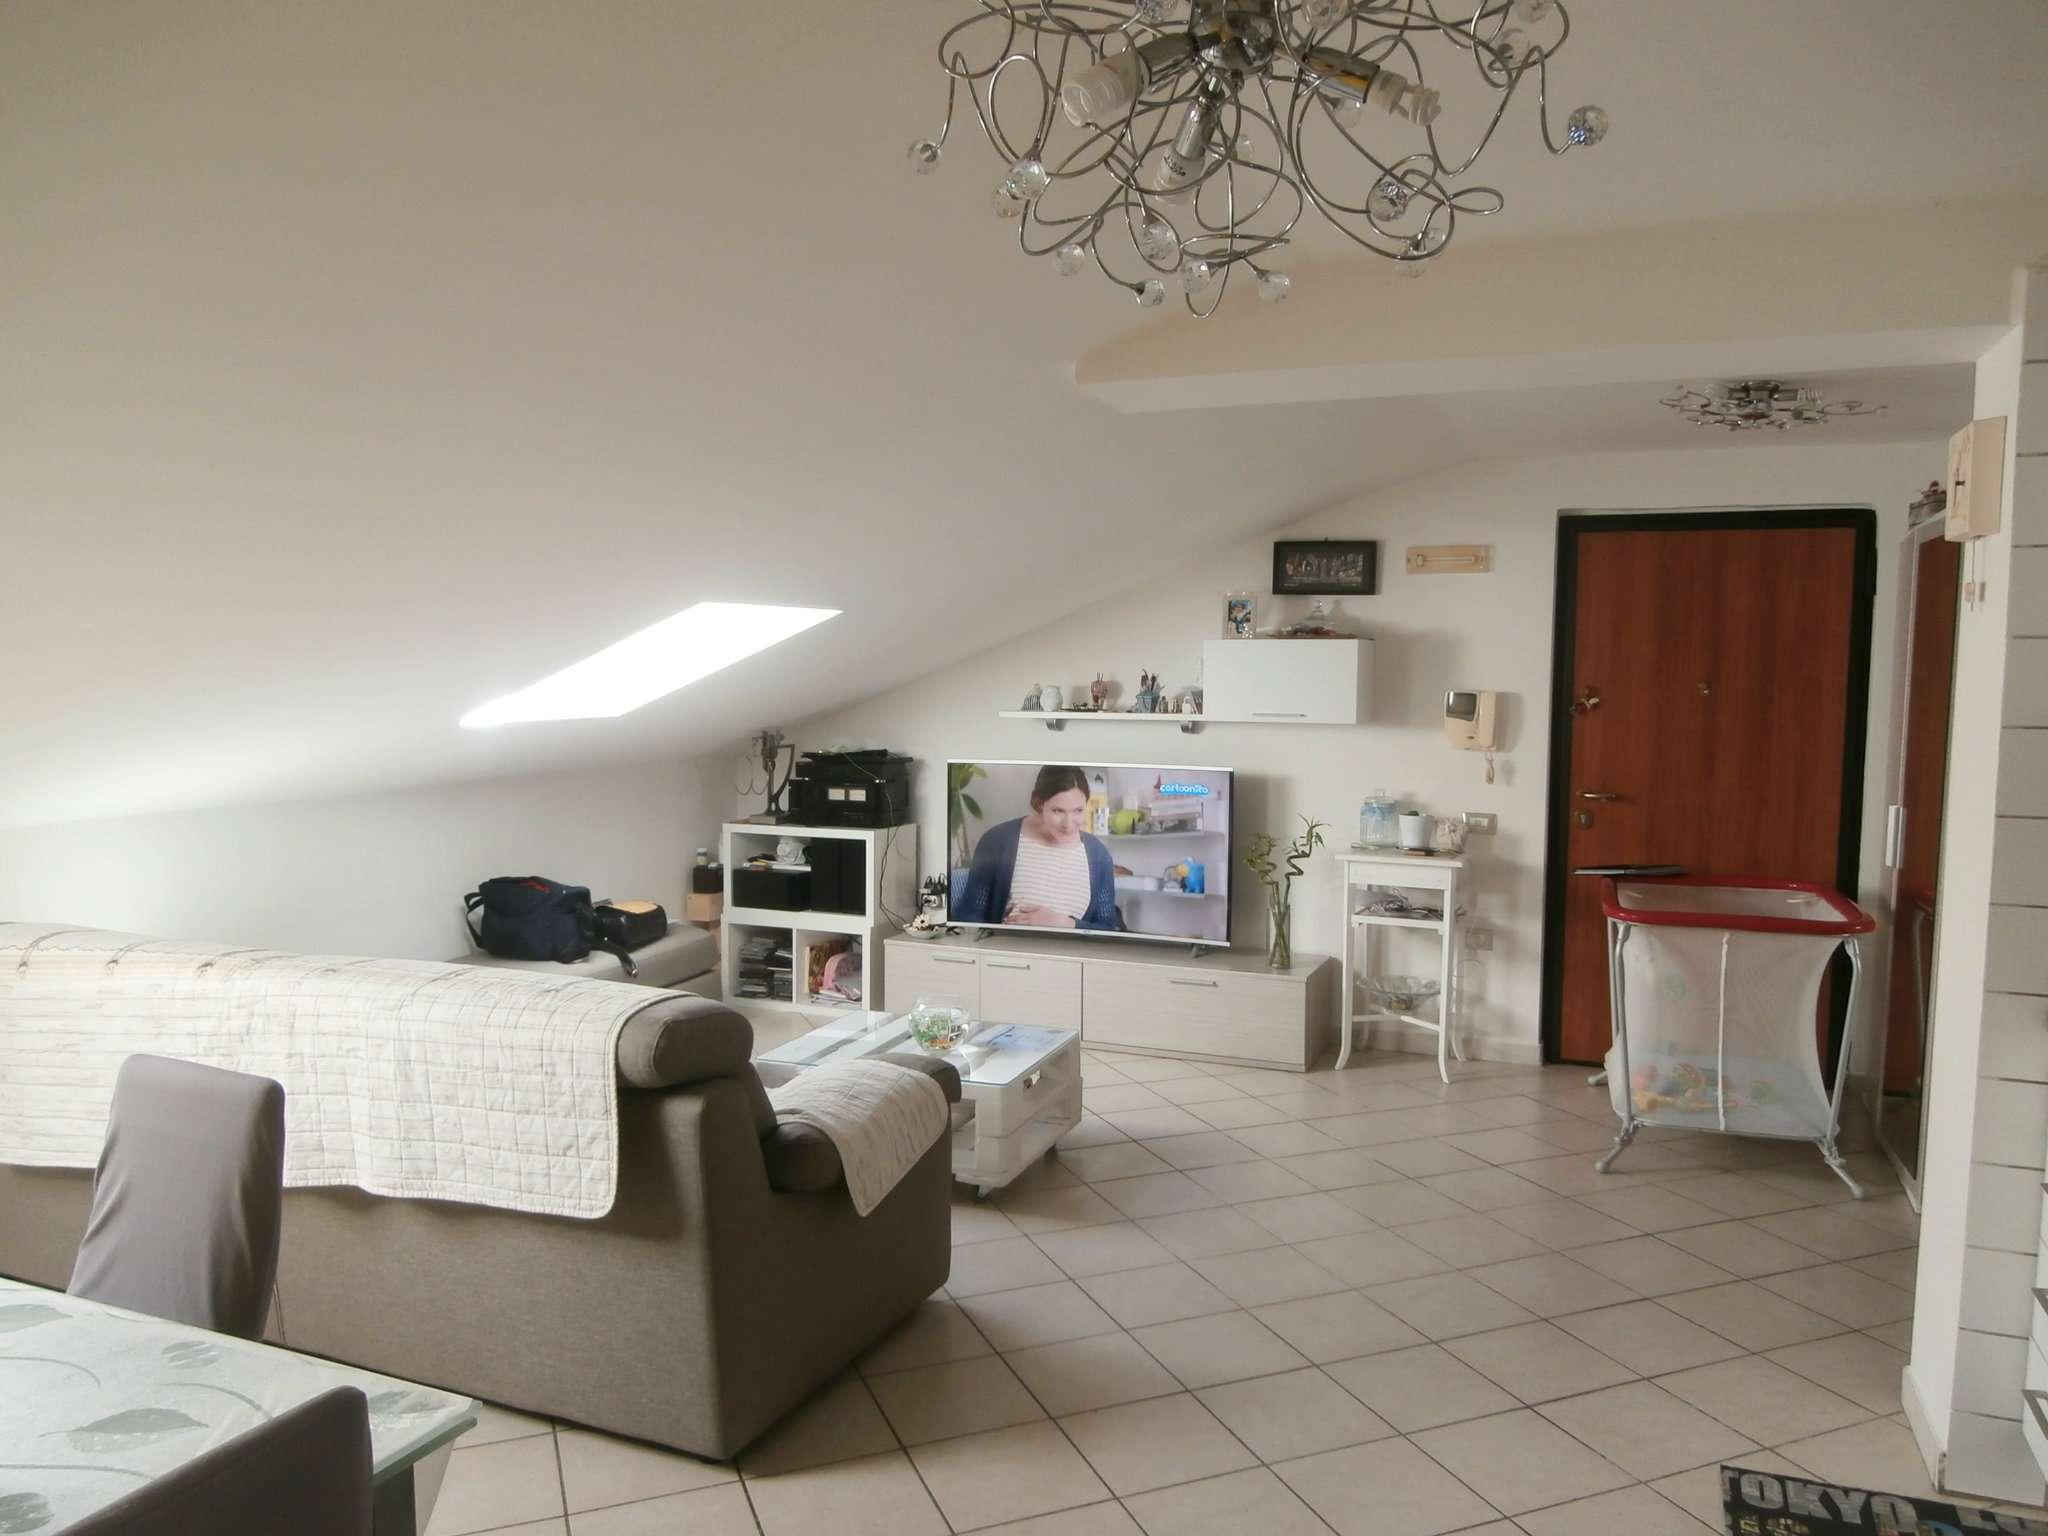 Attico / Mansarda in vendita a Nocera Superiore, 3 locali, prezzo € 53.000   CambioCasa.it